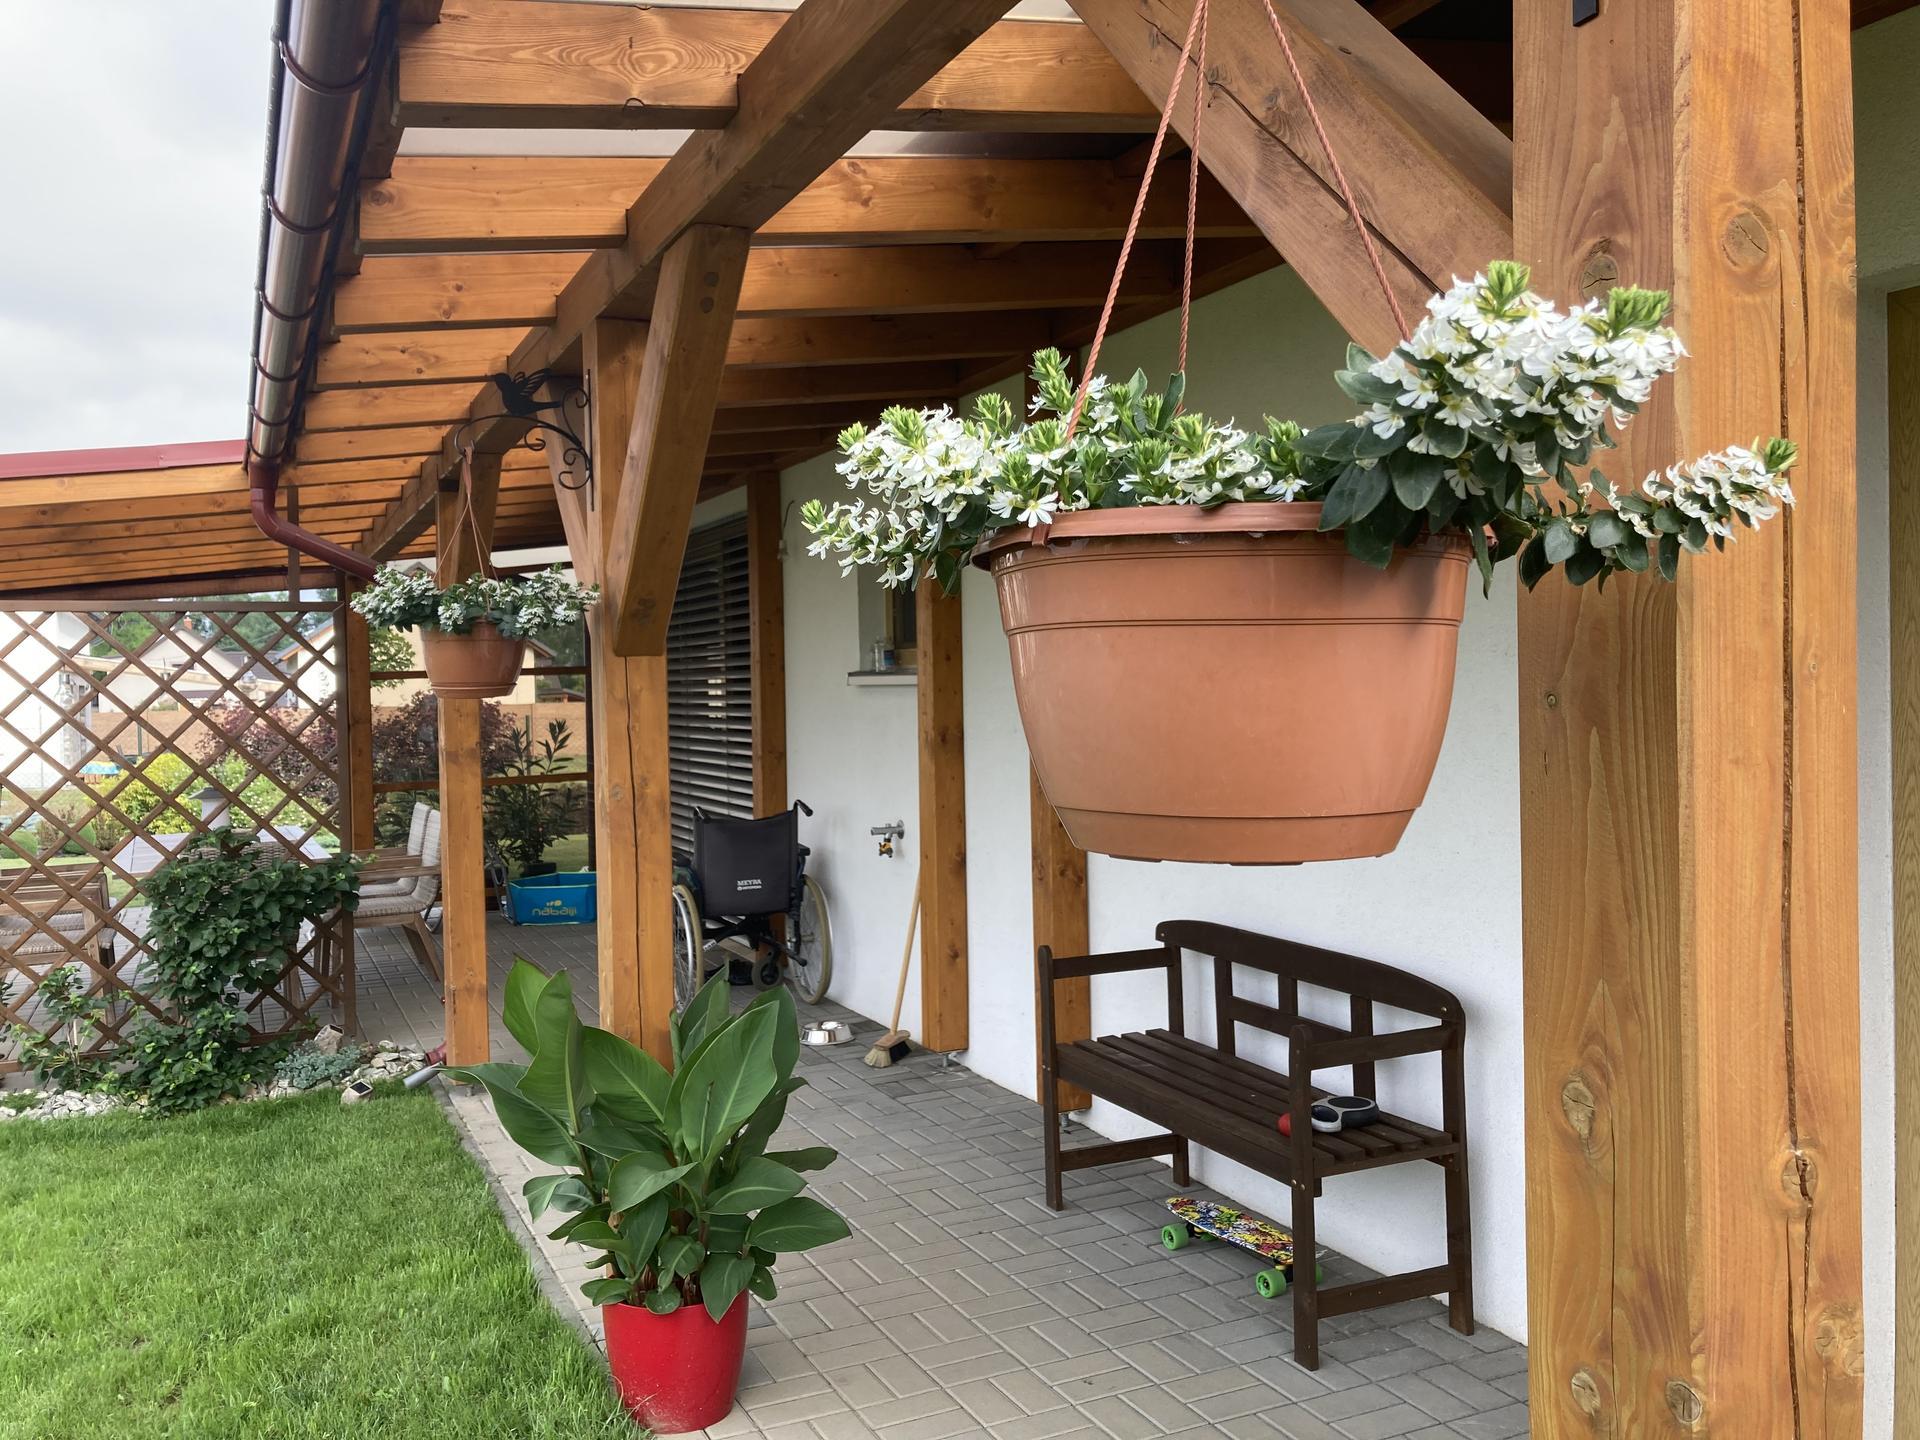 Šestý rok zahradničím - letos mám poprvé vějířovku bílou